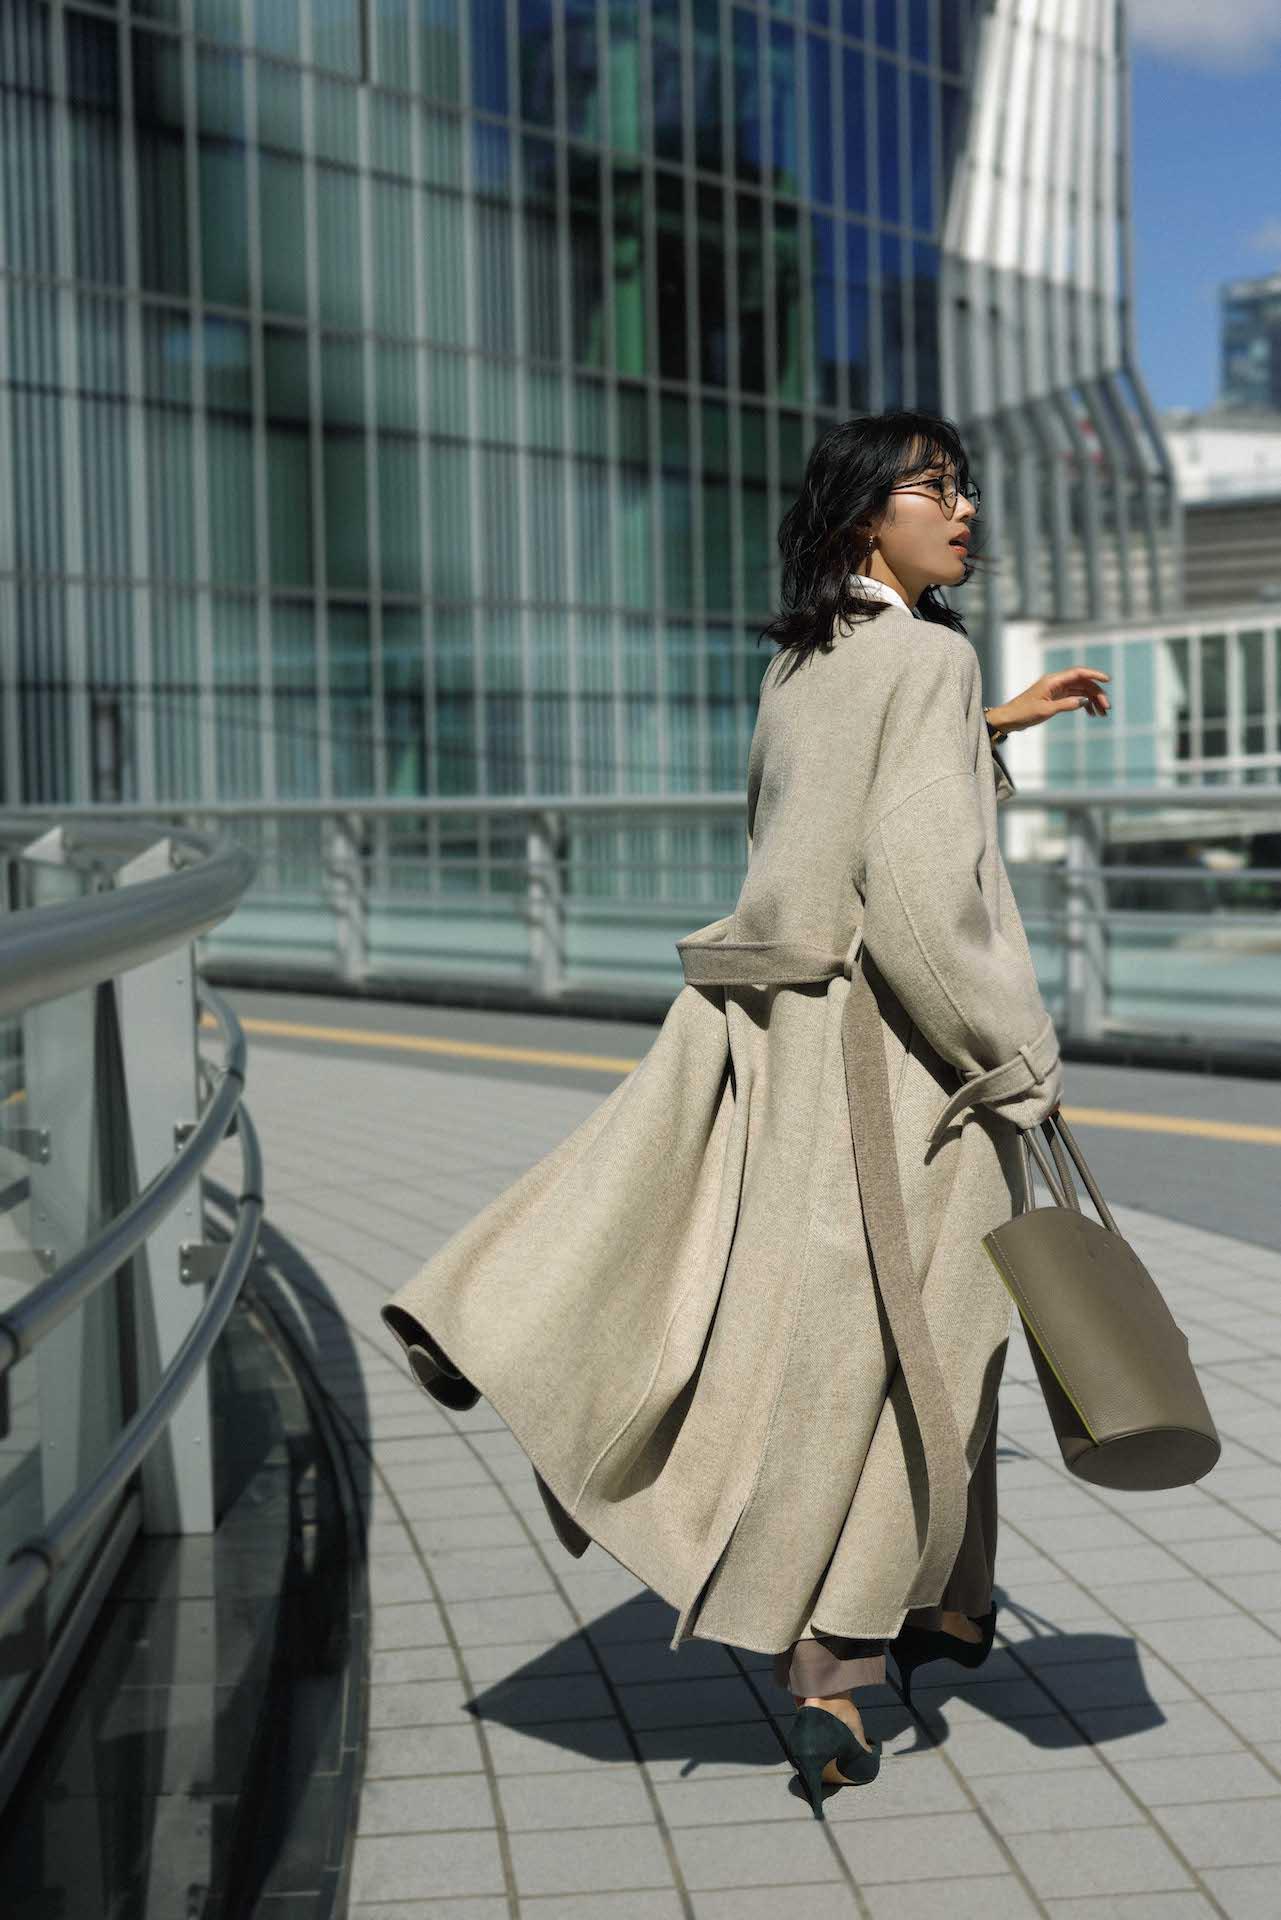 30代ファッションのお手本コーデ。エブールのコートを着るモデル牧野紗弥さん。